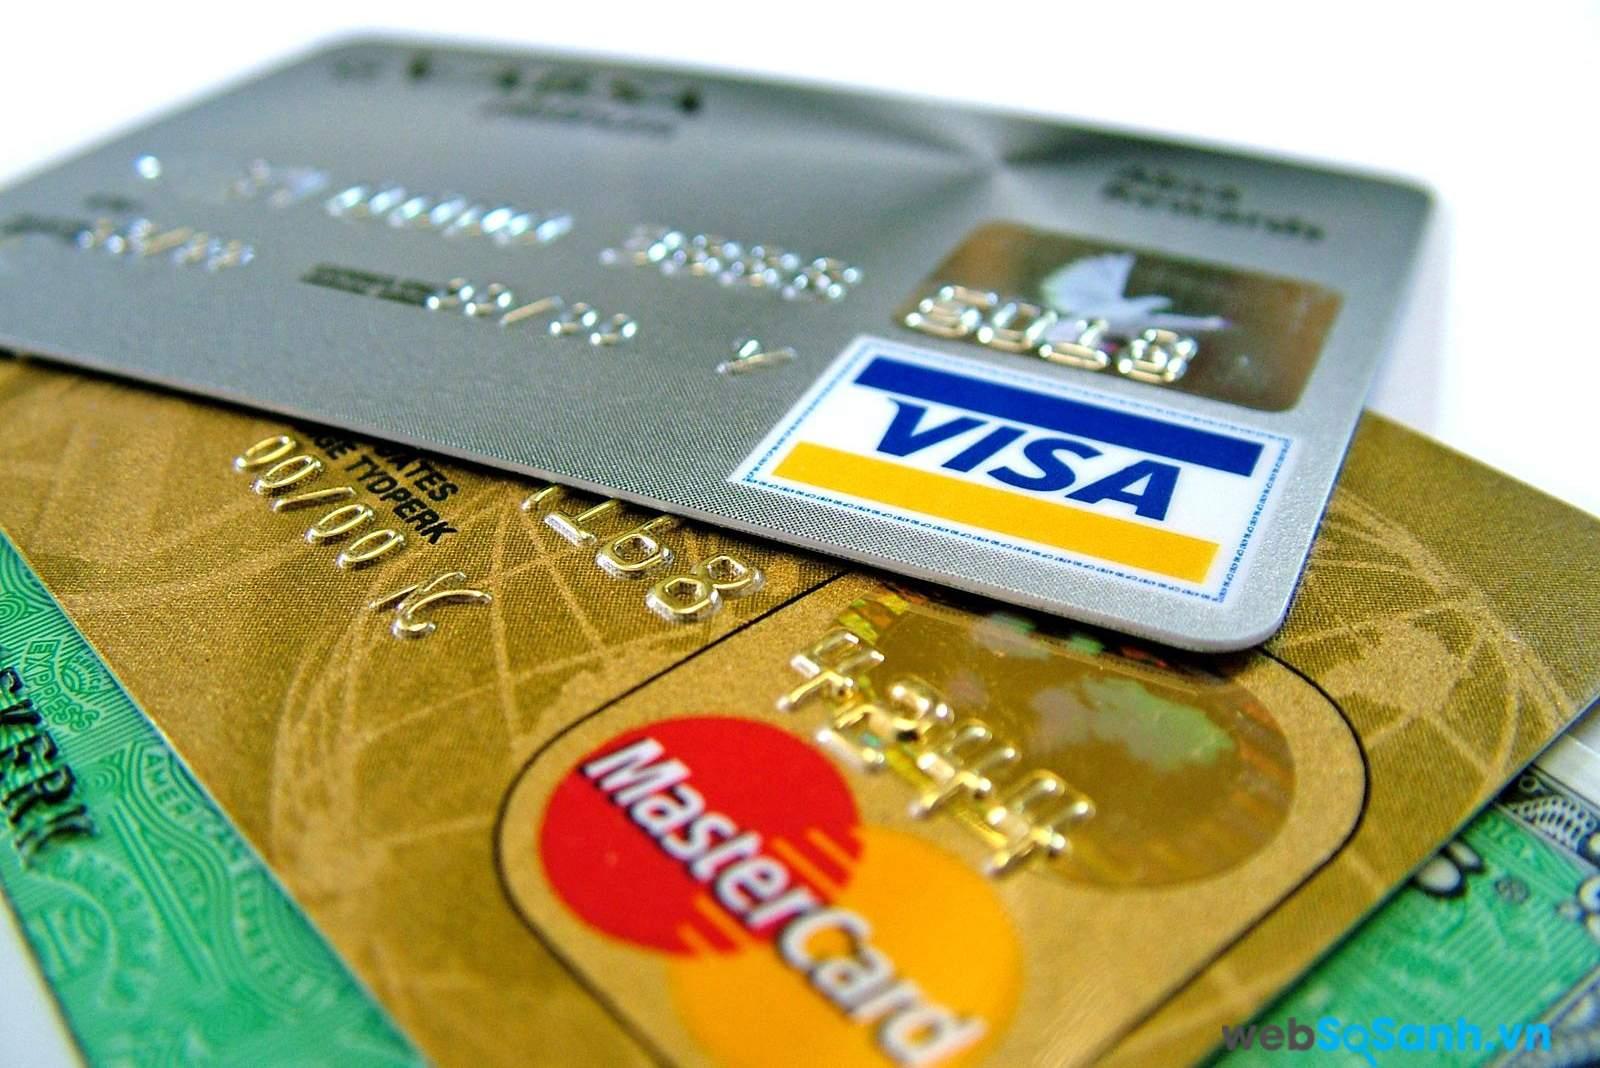 Có thể vay tín chấp qua thẻ ATM